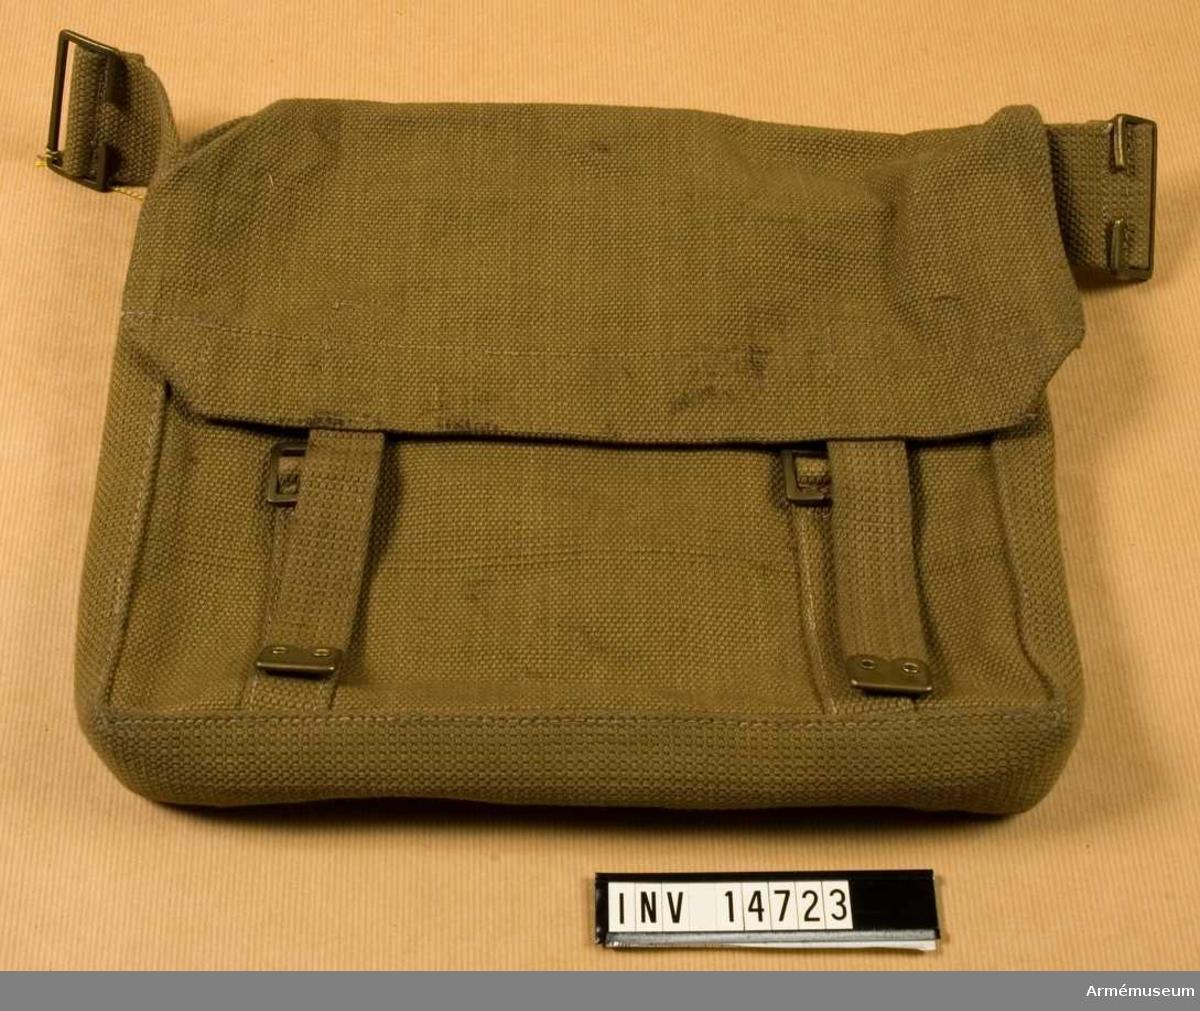 """Grupp C II. Brödväska (29 cm lång och 22 cm hög) av khakifärgat tjockt tyg (på engelska """"wibbing"""") och alla metalldelar (spännen, beslag) av mässing. Lock stänges med två remmar av samma tyg med spännen och beslag. På väskans båda sidor äro två spännen fastsydda, med vilka väskan sammankopplas med axelhänget. På lockets undersida finns en stämpel """"M.E.Co. 1918"""", och uppåtriktad pil """"156"""". På väskans baksida finns två korta remmar och spännen fastsydda."""